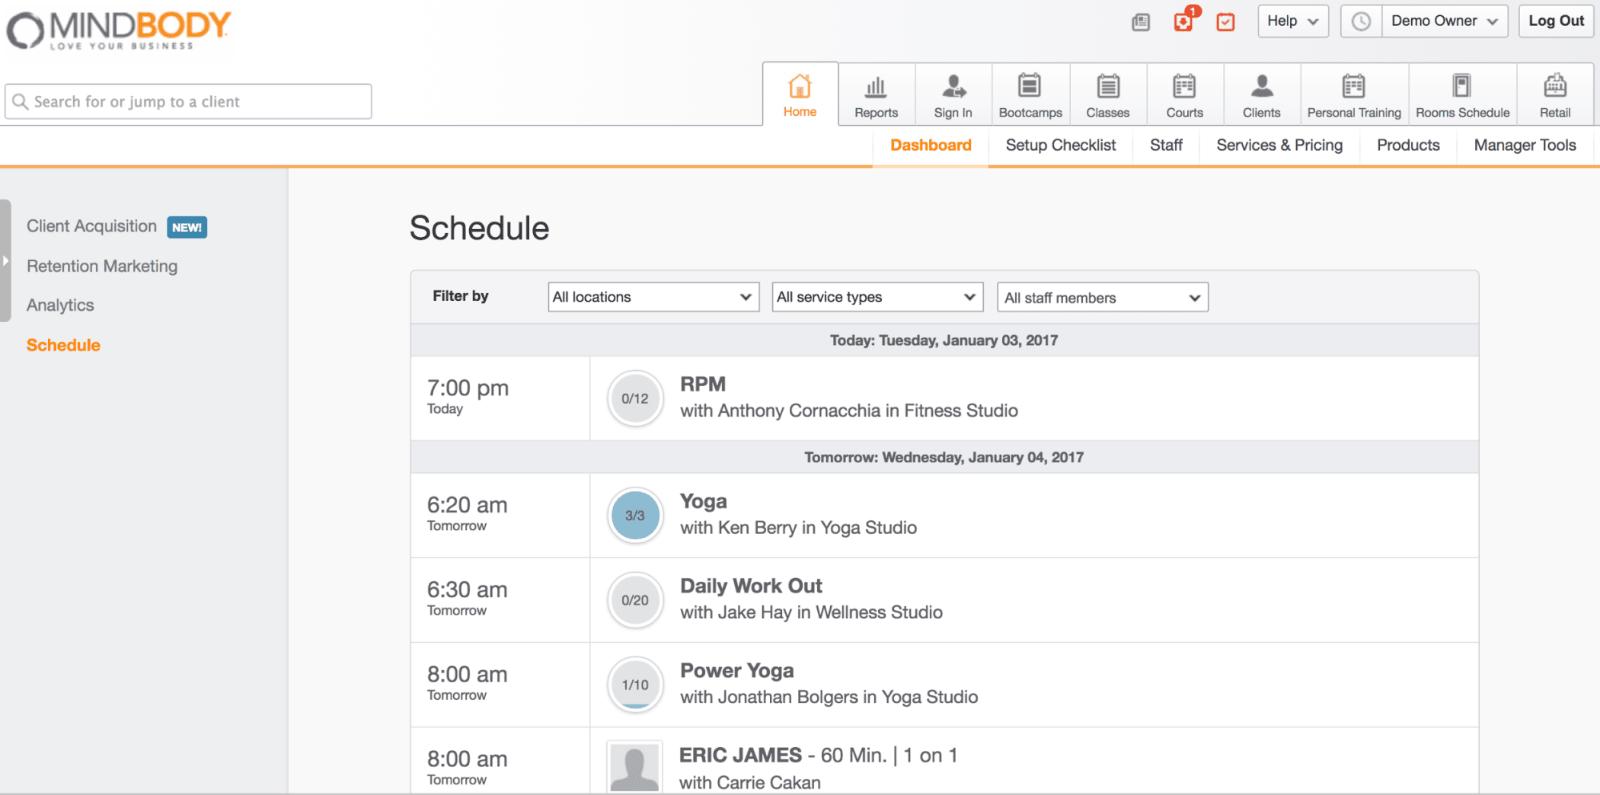 MINDBODY Schedule Dashboard